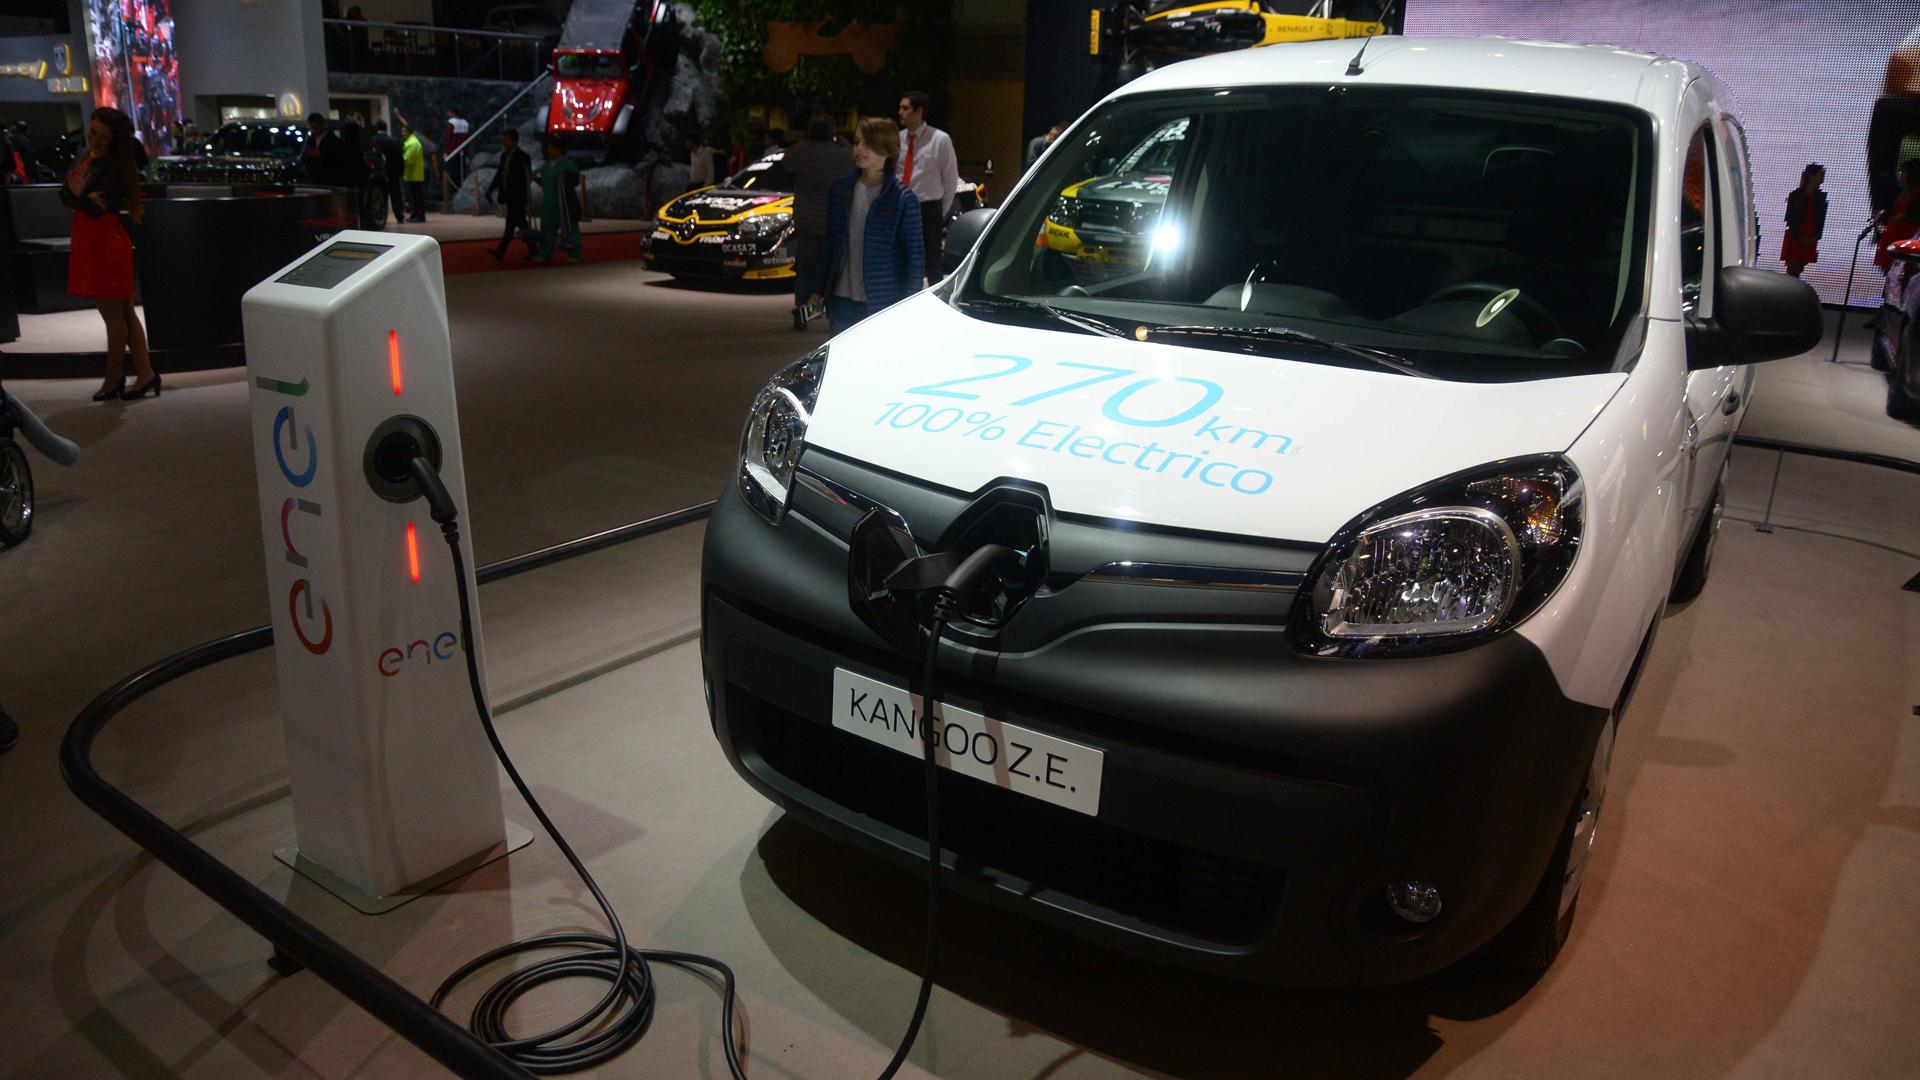 """Se denominación ZE significa """"Zero Emissions"""" y tiene una autonomía de carga de 200 kilómetros (Enrique Abatte)"""